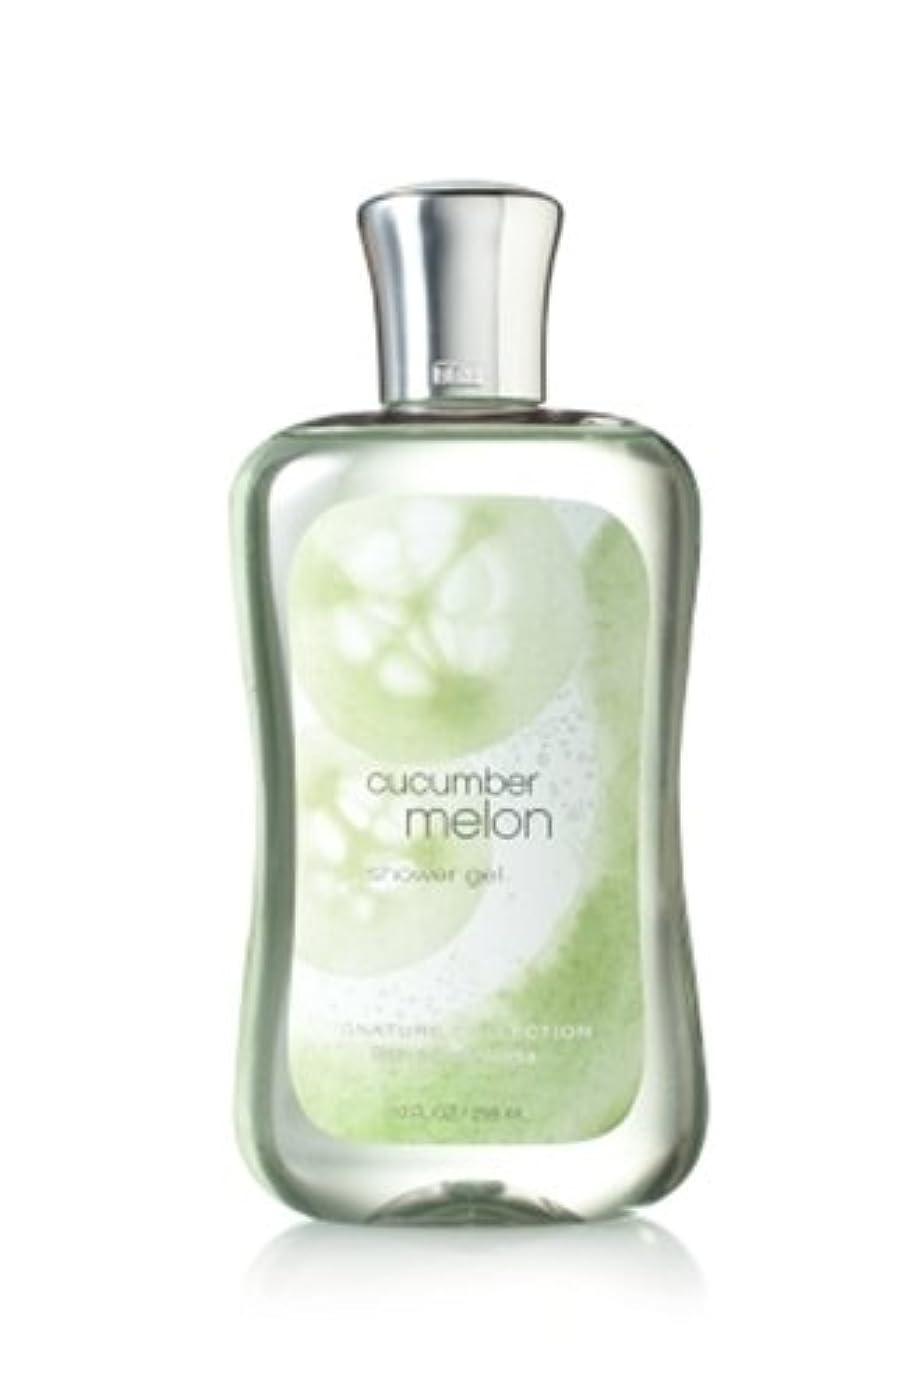 行方不明定常消費バス&ボディワークス キューカンバーメロン シャワージェル Cucumber Melon shower gel [並行輸入品]